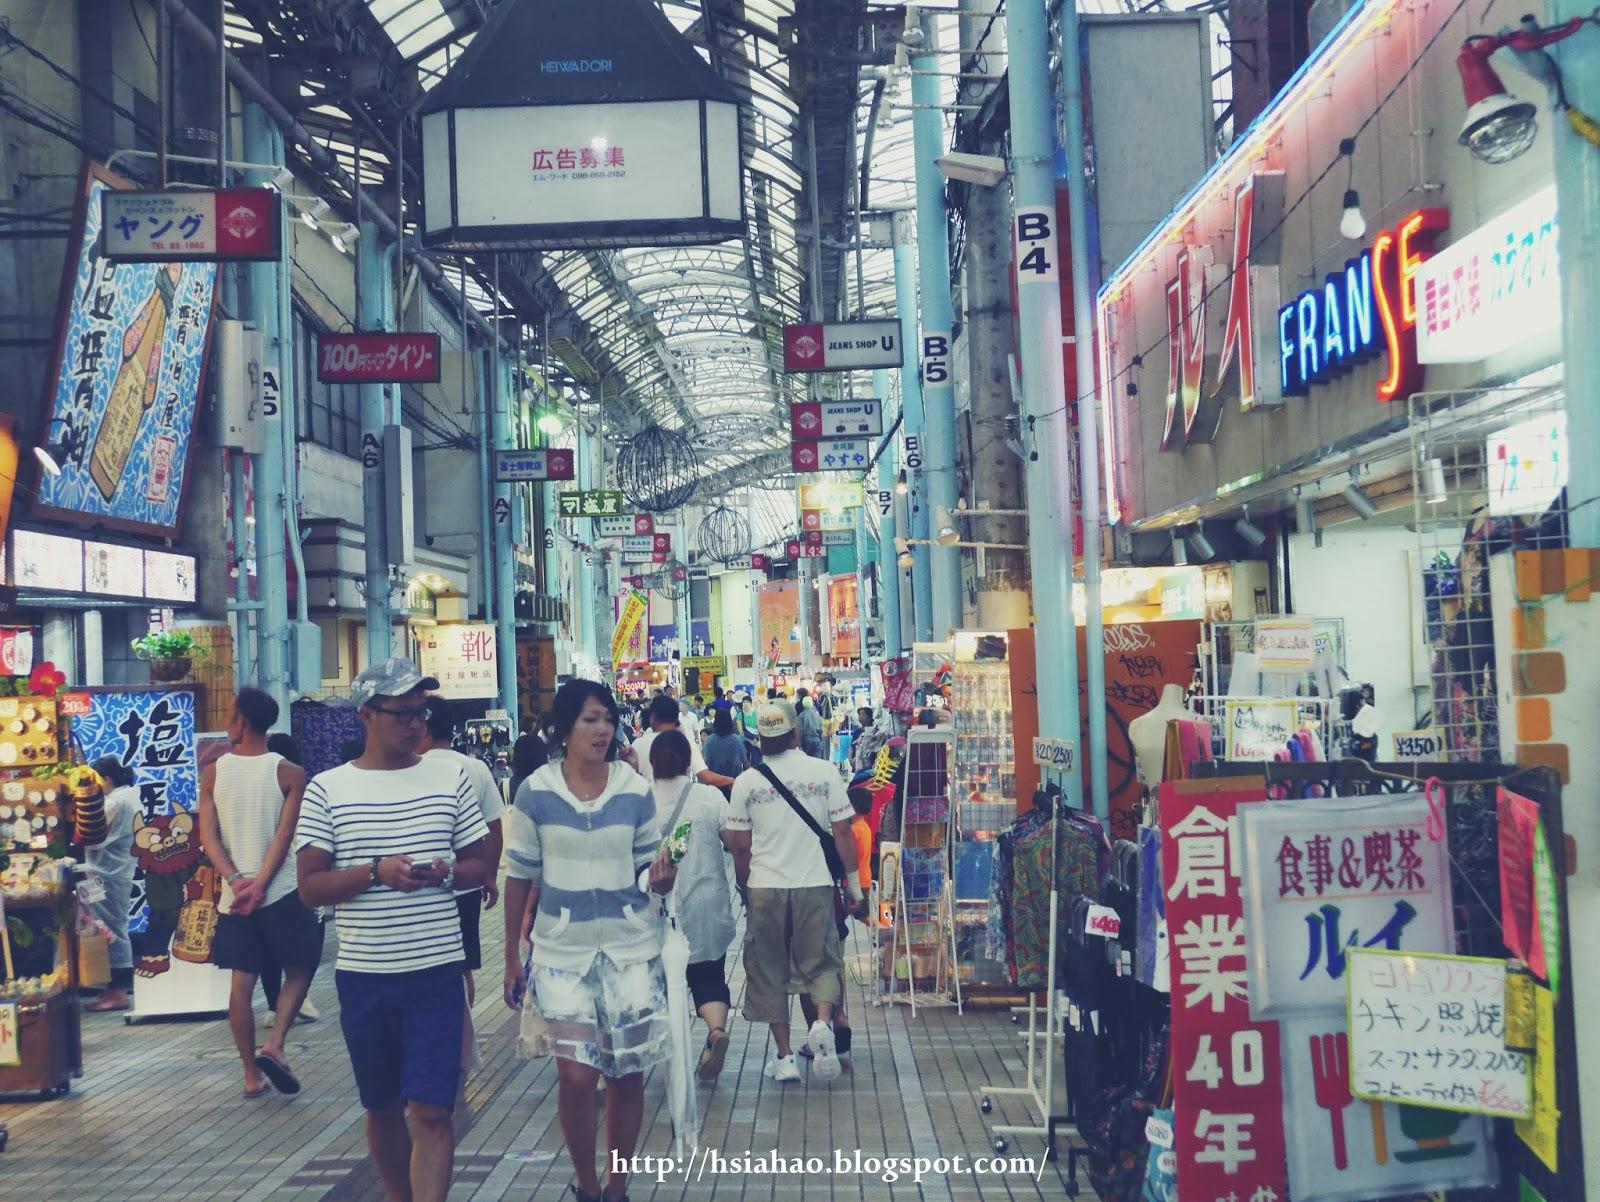 沖繩-國際通-牧志公設市場-平和通-浮島通-逛街-購物-逛街-景點-自由行-Okinawa-kokusaidori